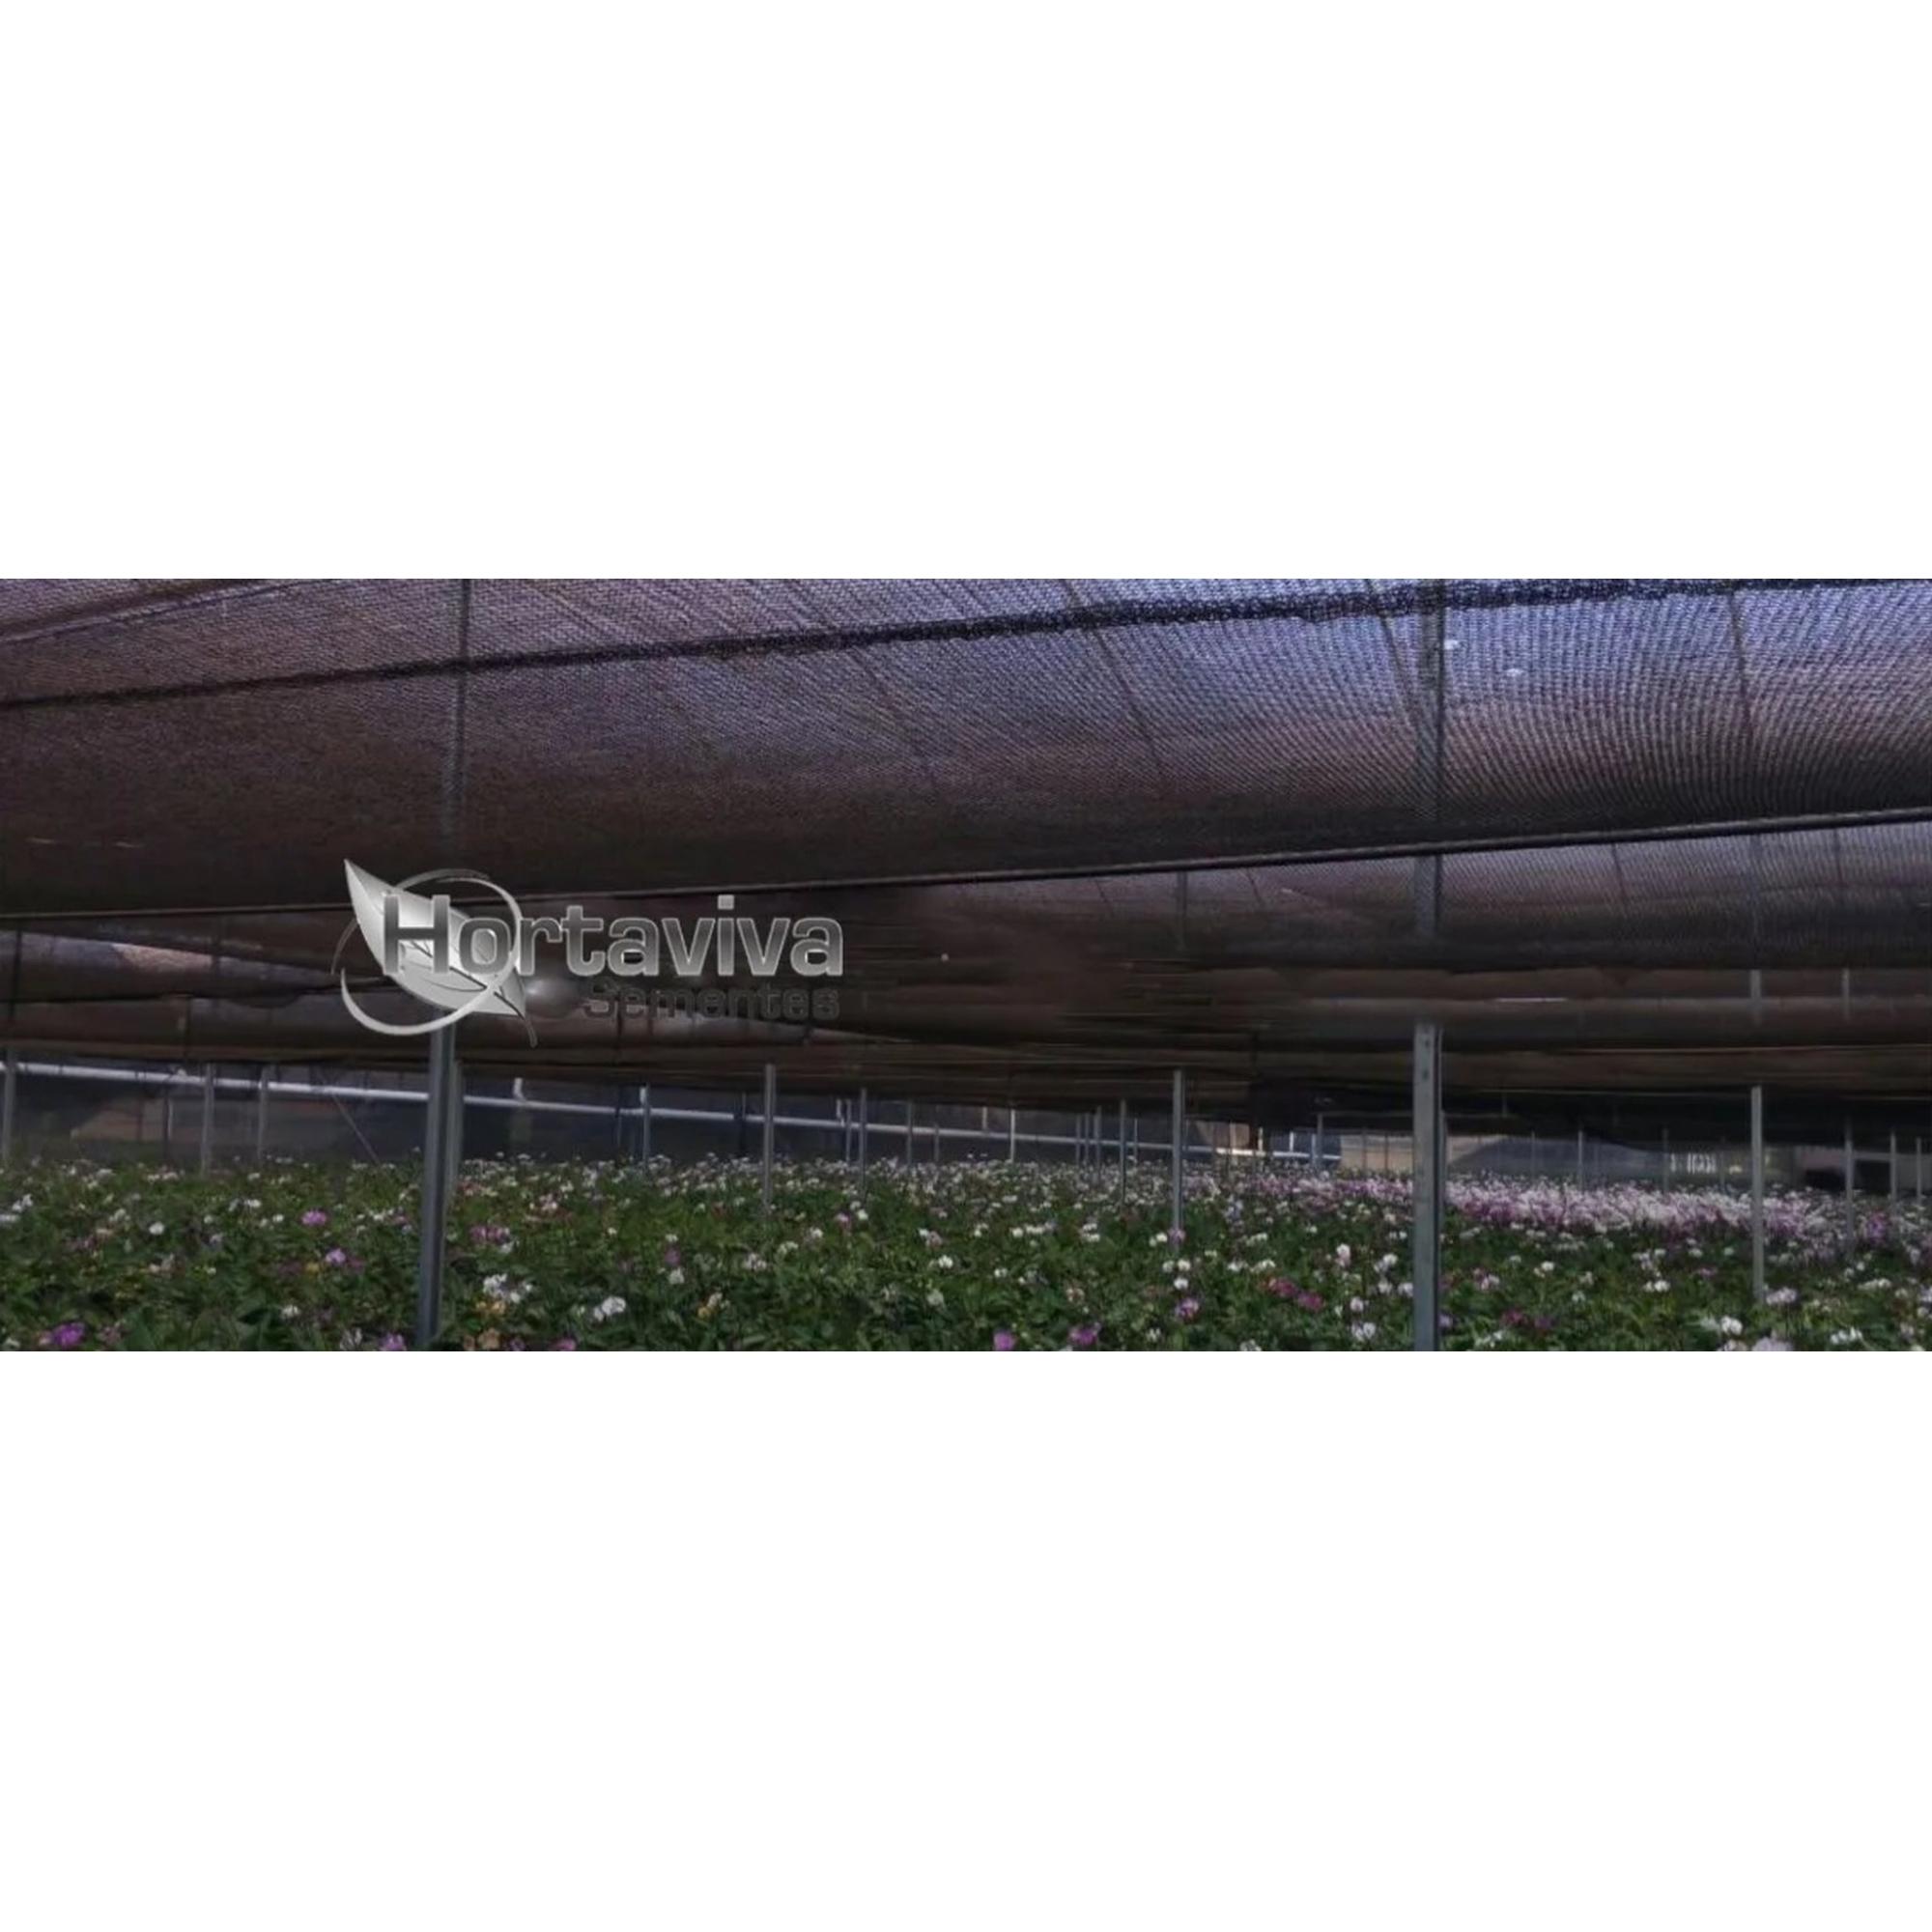 Tela de Sombreamento Preta 50% - 9 Metros x 15 Metros